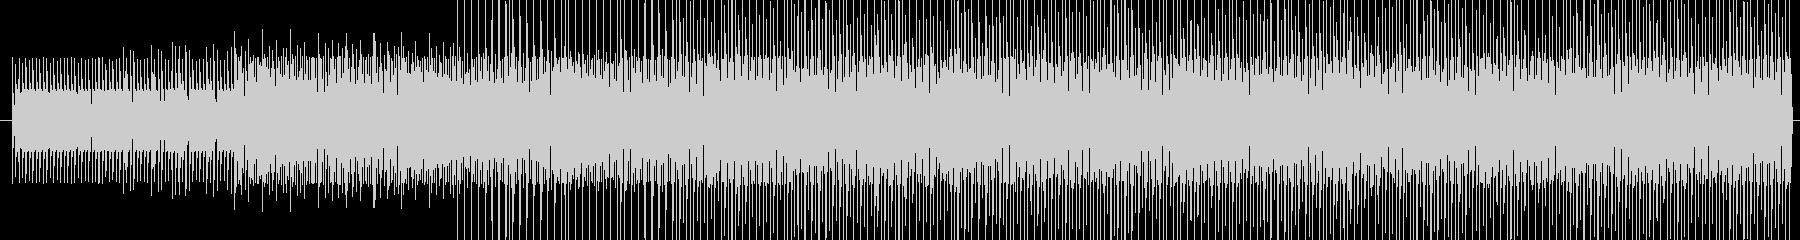 チープで軽快な電子音 レース 徒競走の未再生の波形